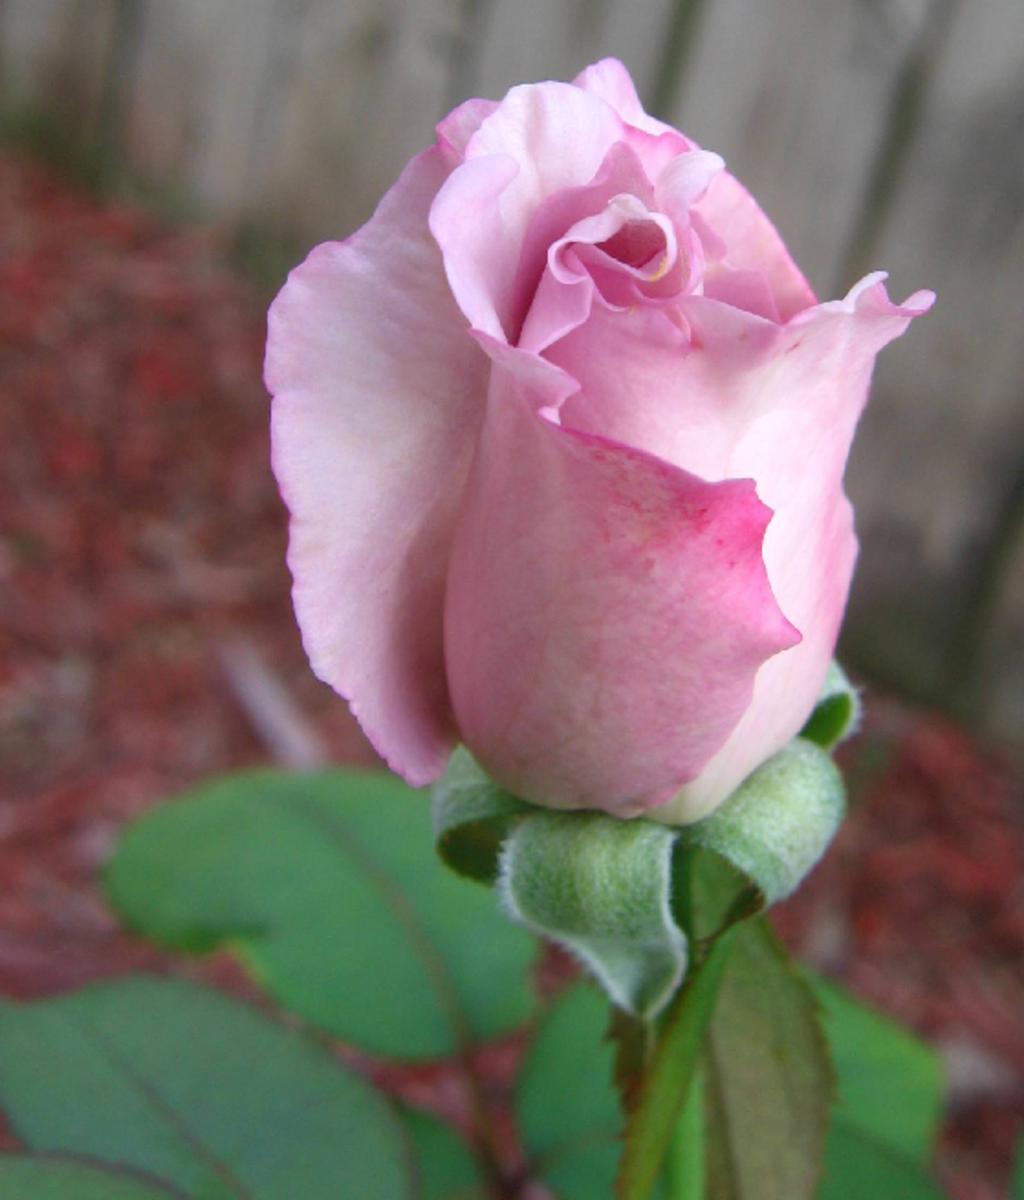 Pink Rose Bud Opening Image